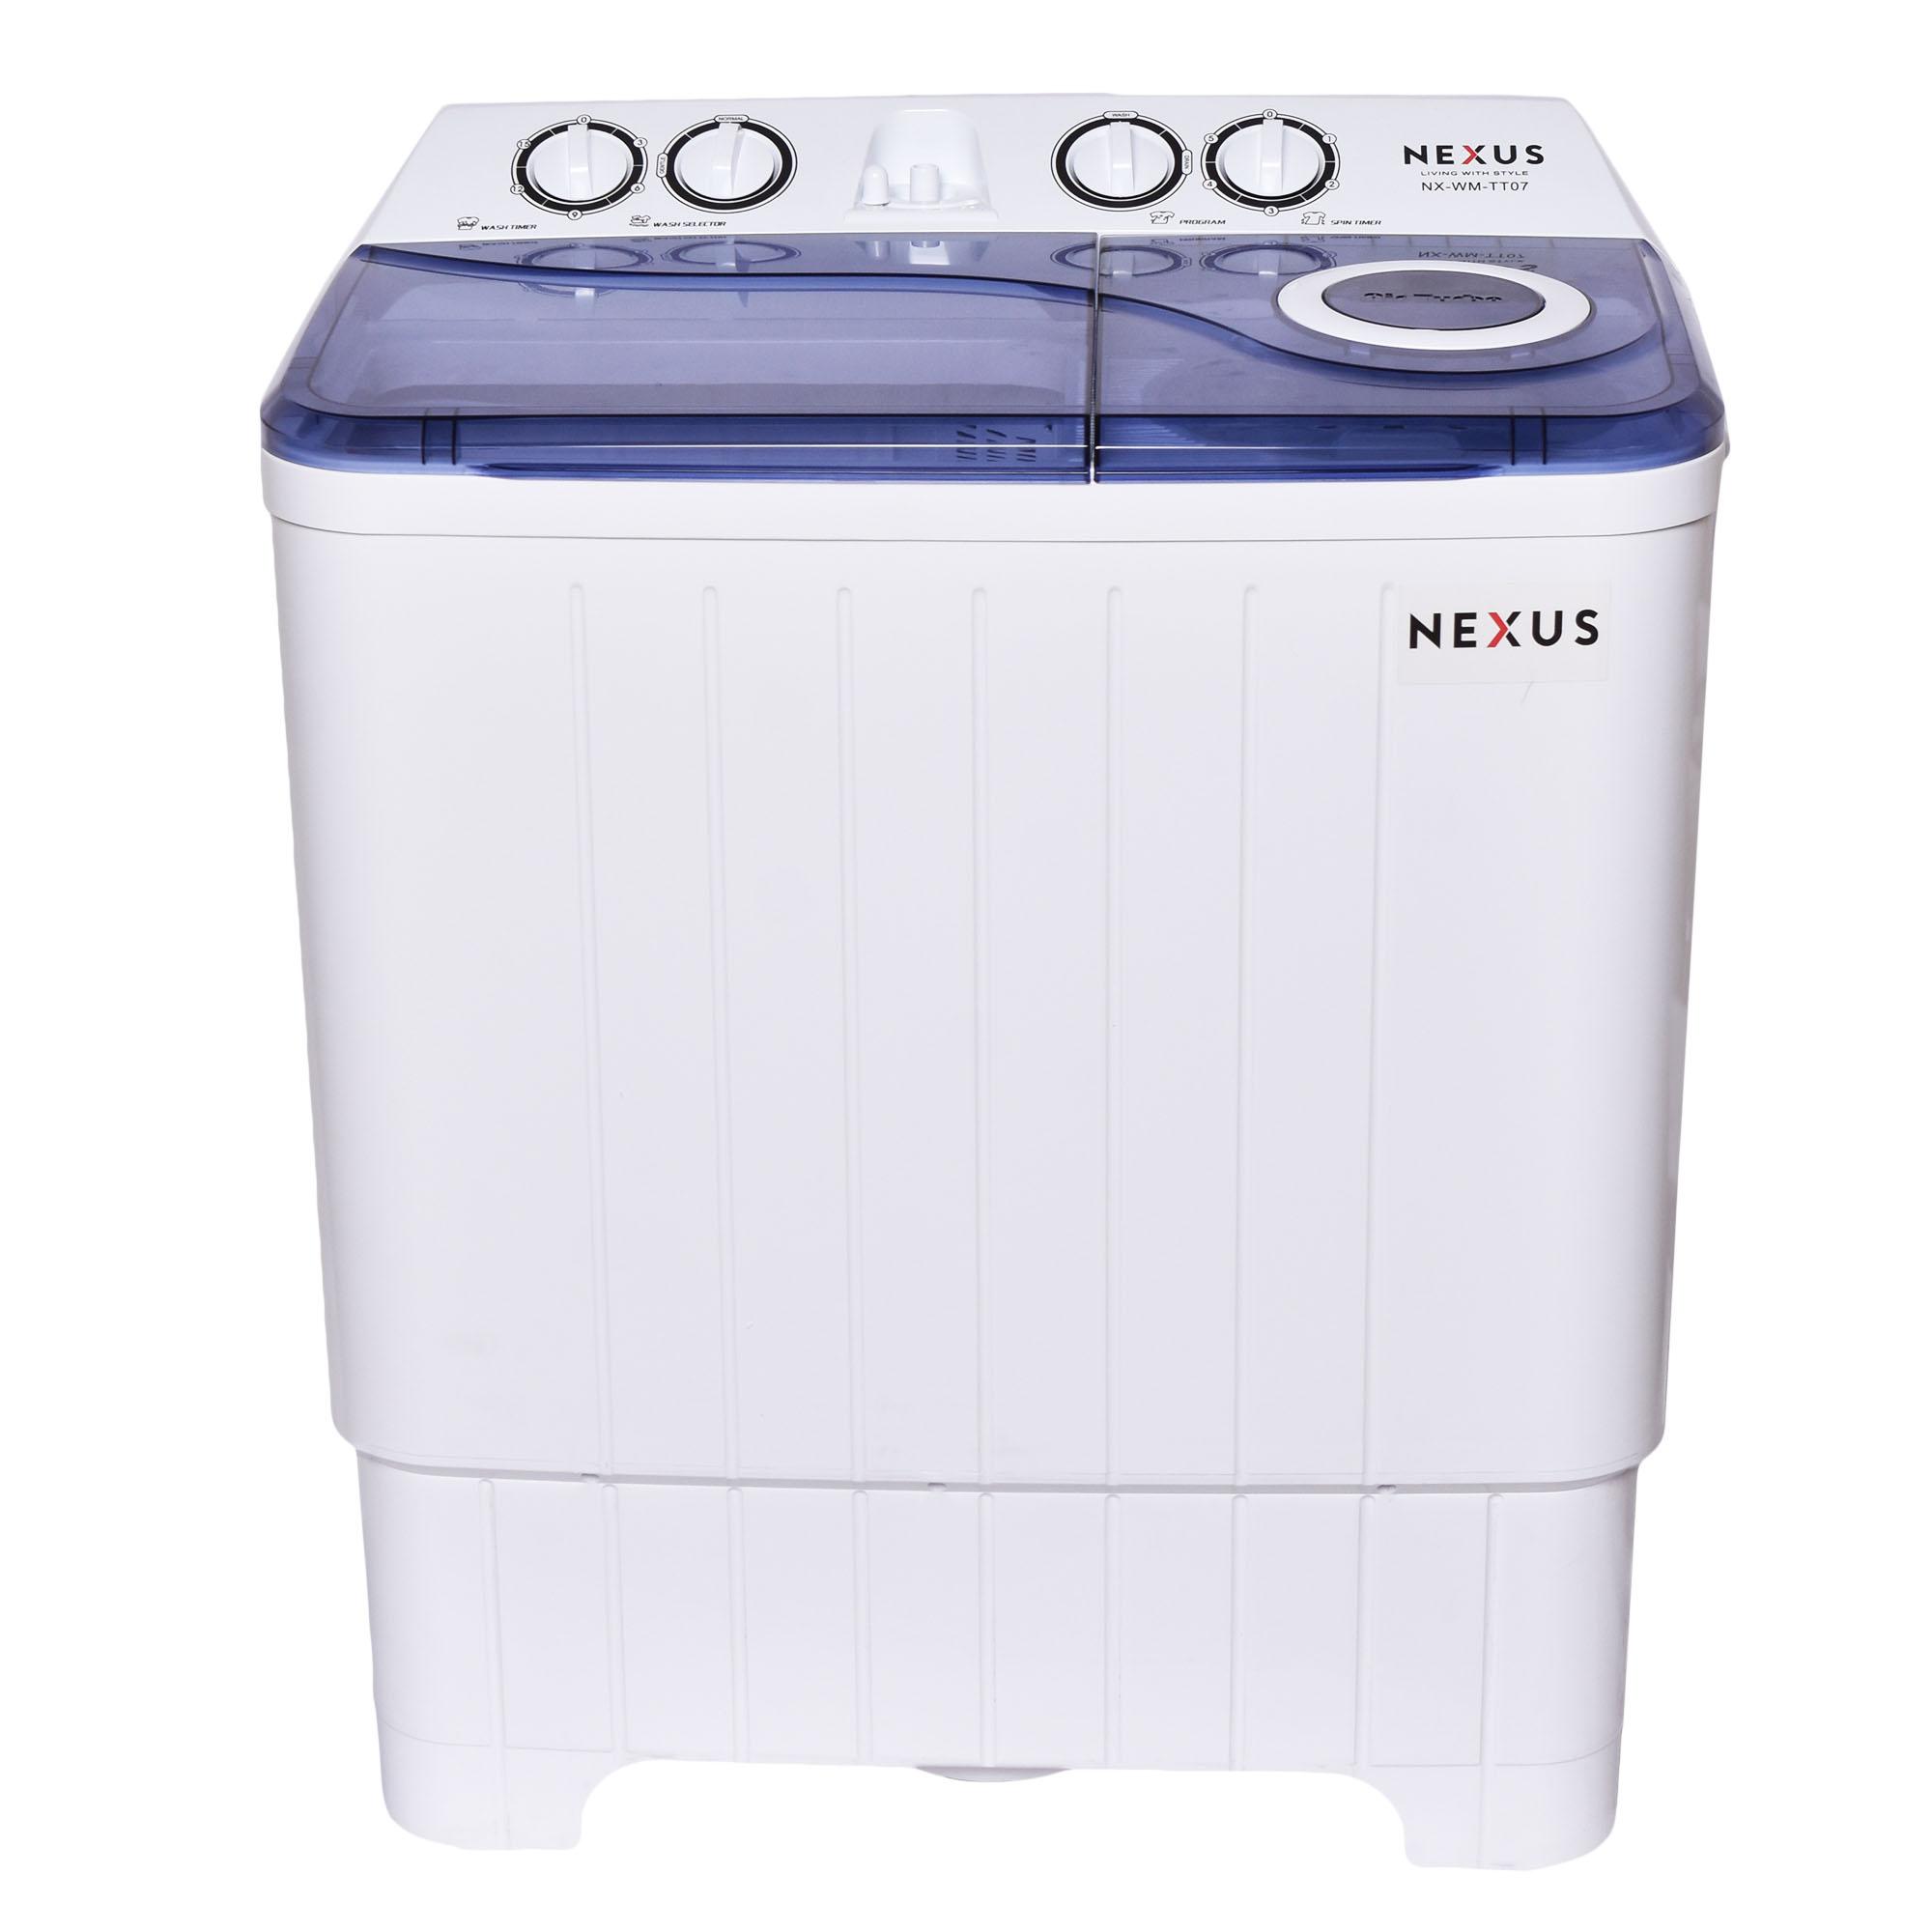 Nexus NX-WM-TT07 - 7KG TWIN TUB WASHING MACHINE